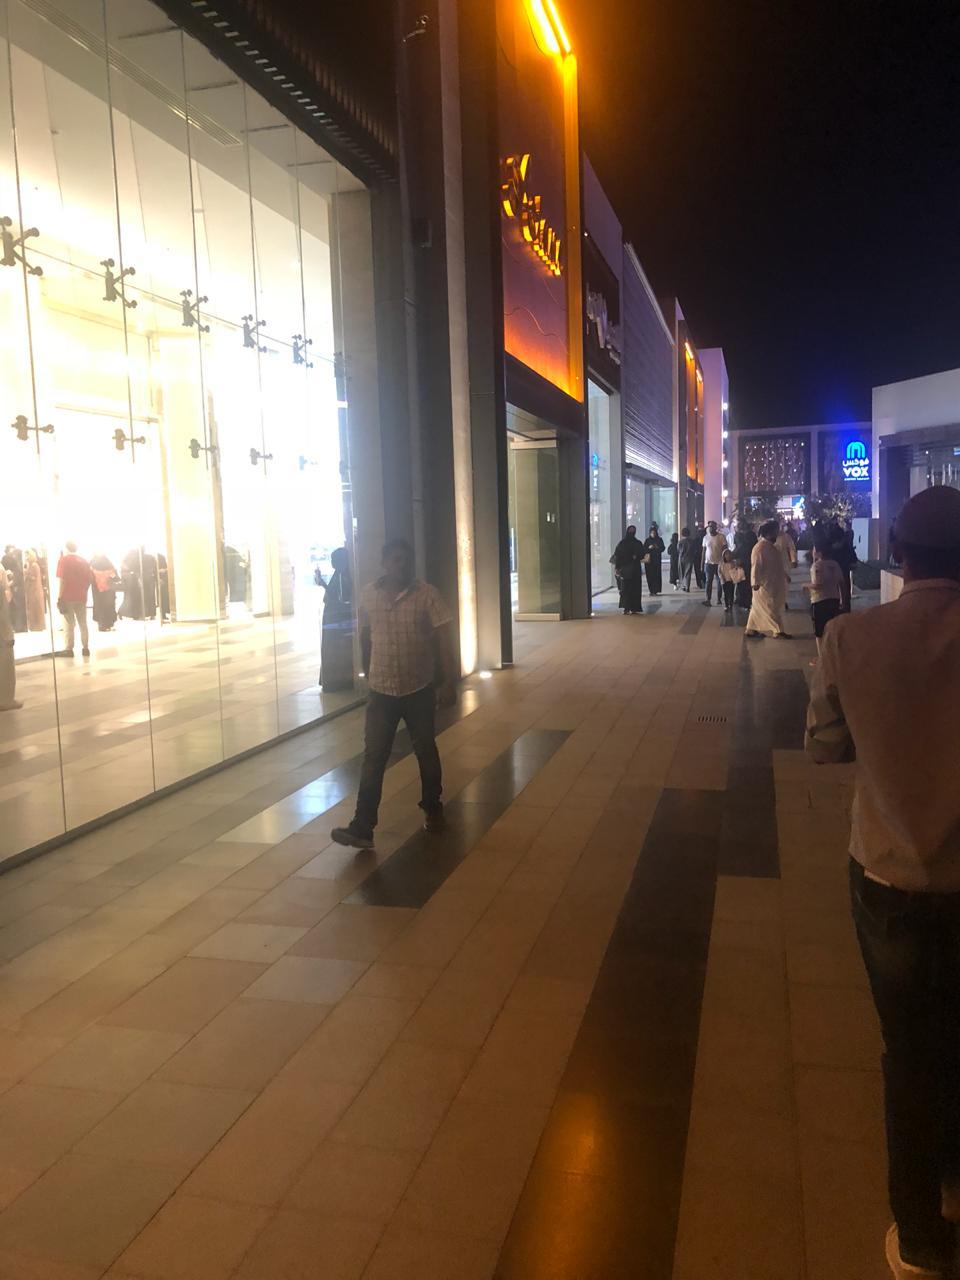 فيديو وصور واجهة الرياض تجربة تجمع الترفيه والثقافة معارض عالمية بـ18صالة عرض 300 قطعة تاريخية وأثرية وتجارب محاكاة بمعرض الفضاء معرض الصقور والألعاب يجذب السائحين والتراث السعودى فى أنا عربية اليوم السابع